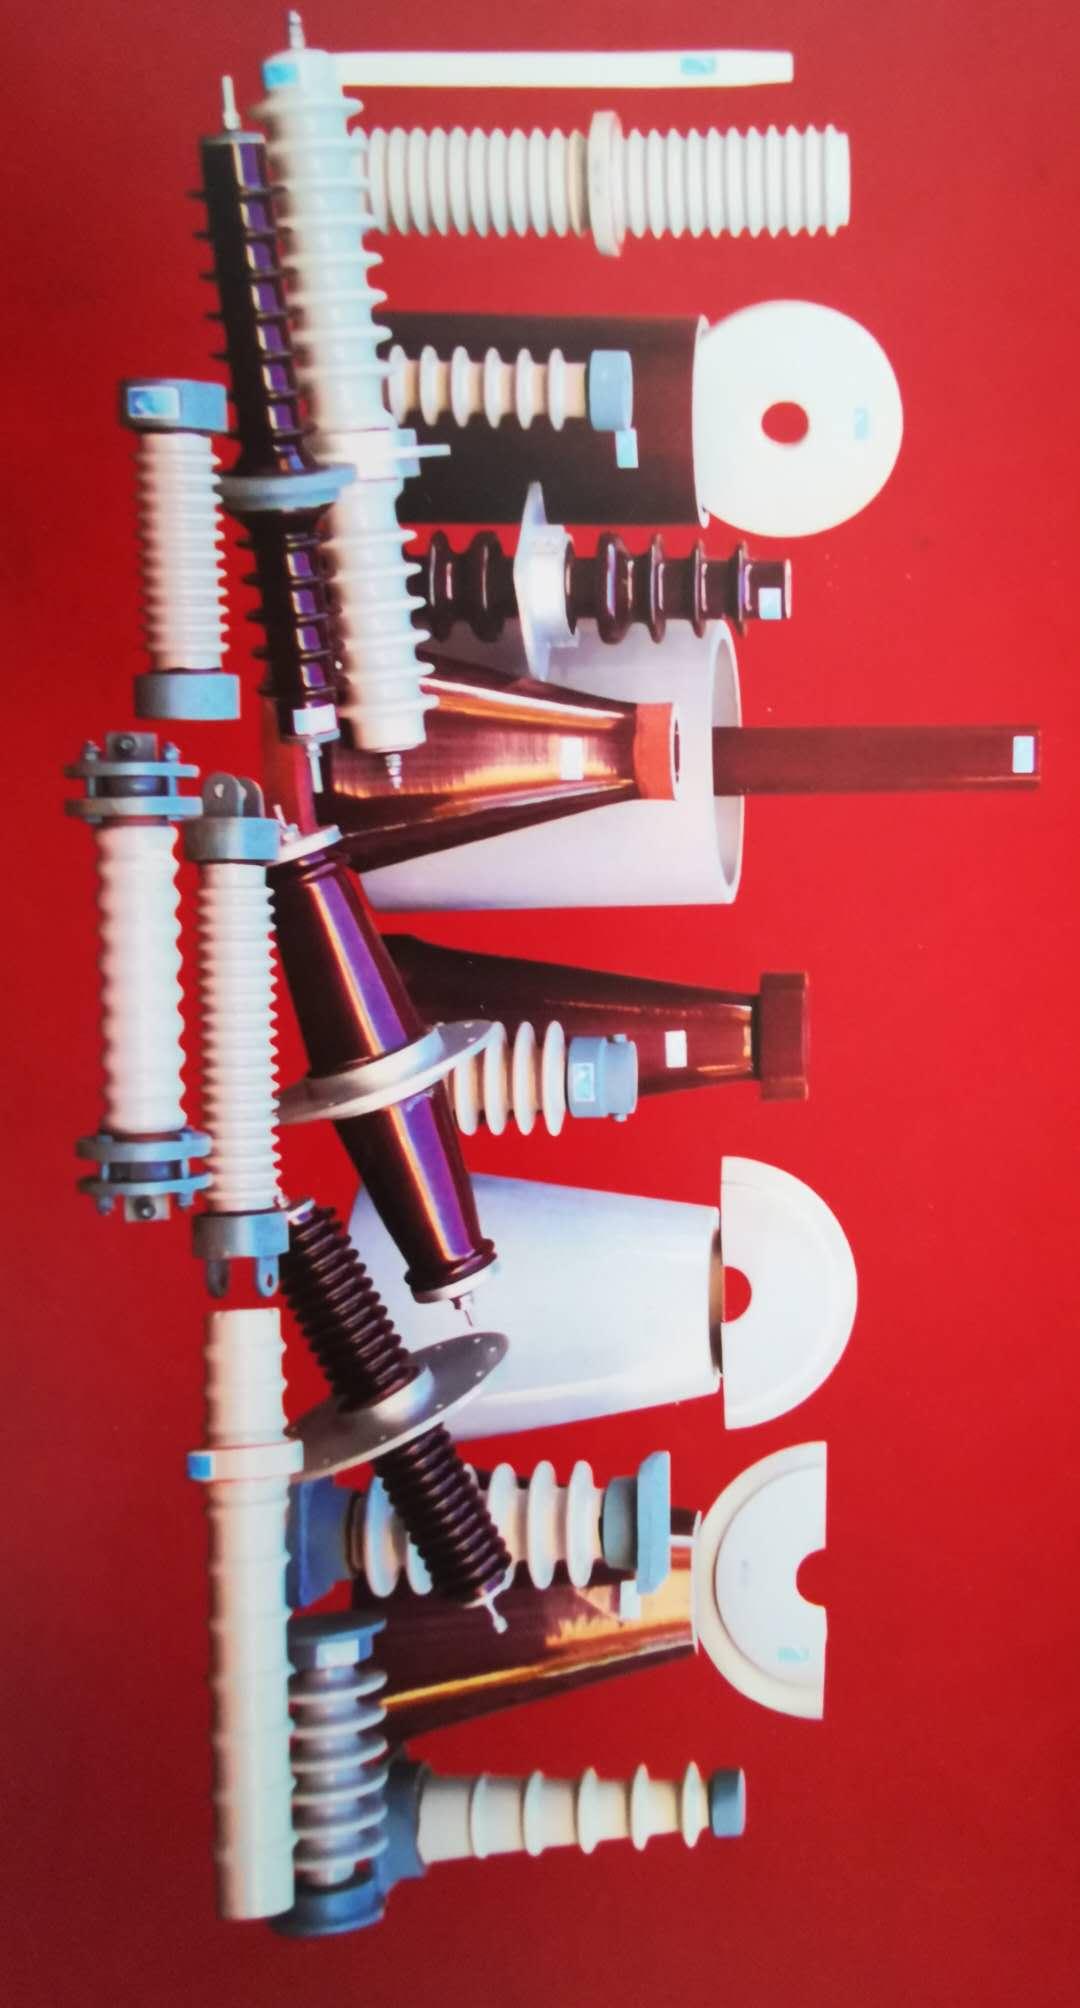 高压电力转轴瓷套 ES0503370331,390mm*80mm,材质电磁白釉,电晕